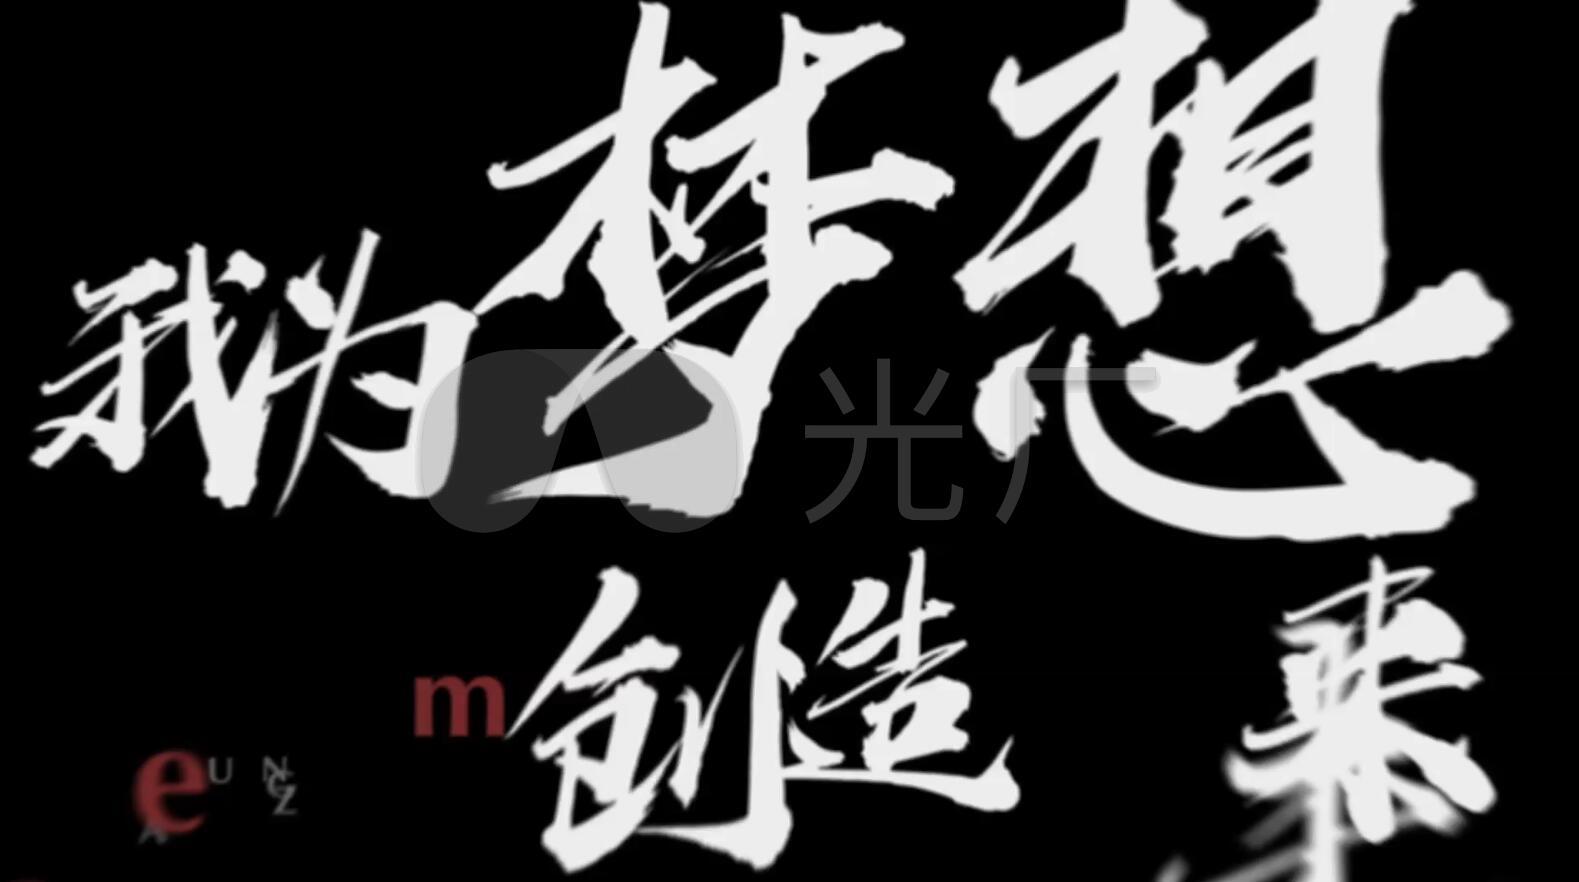 永利平台官网文字标题ae模板